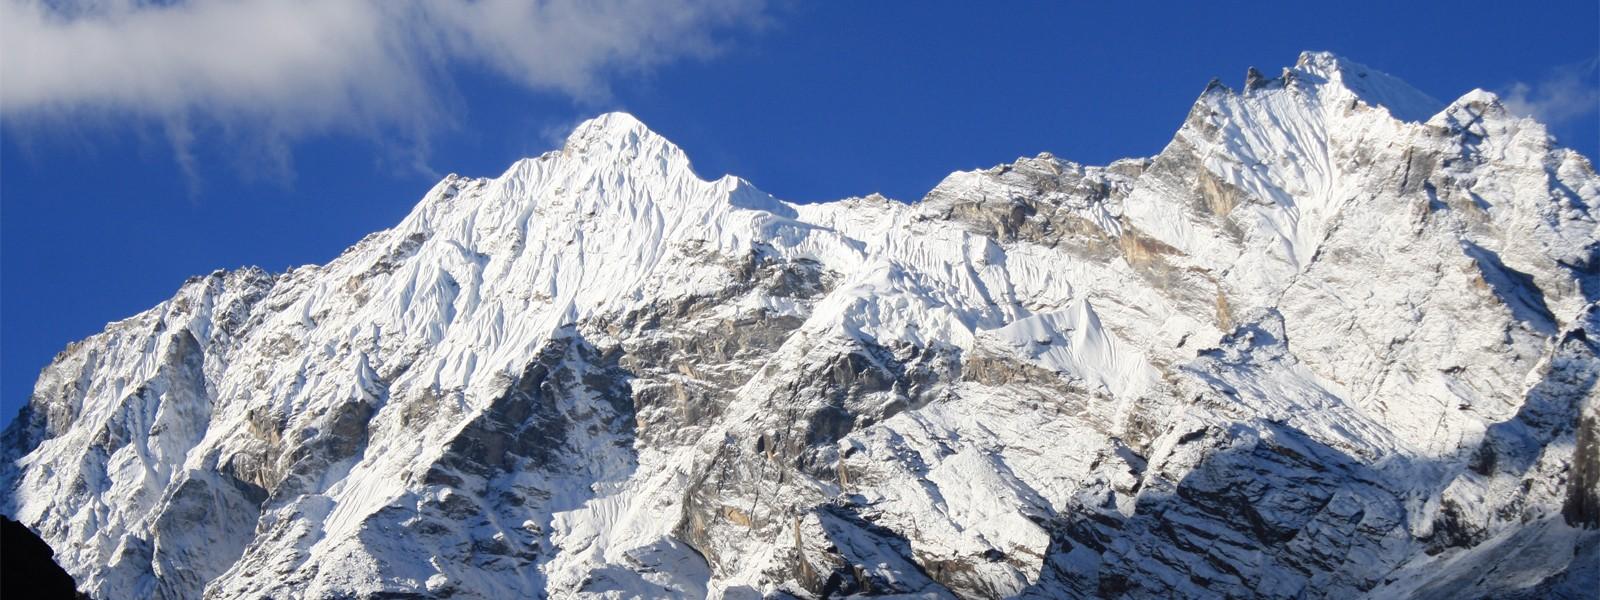 Nepal Paldor Peak Climbing